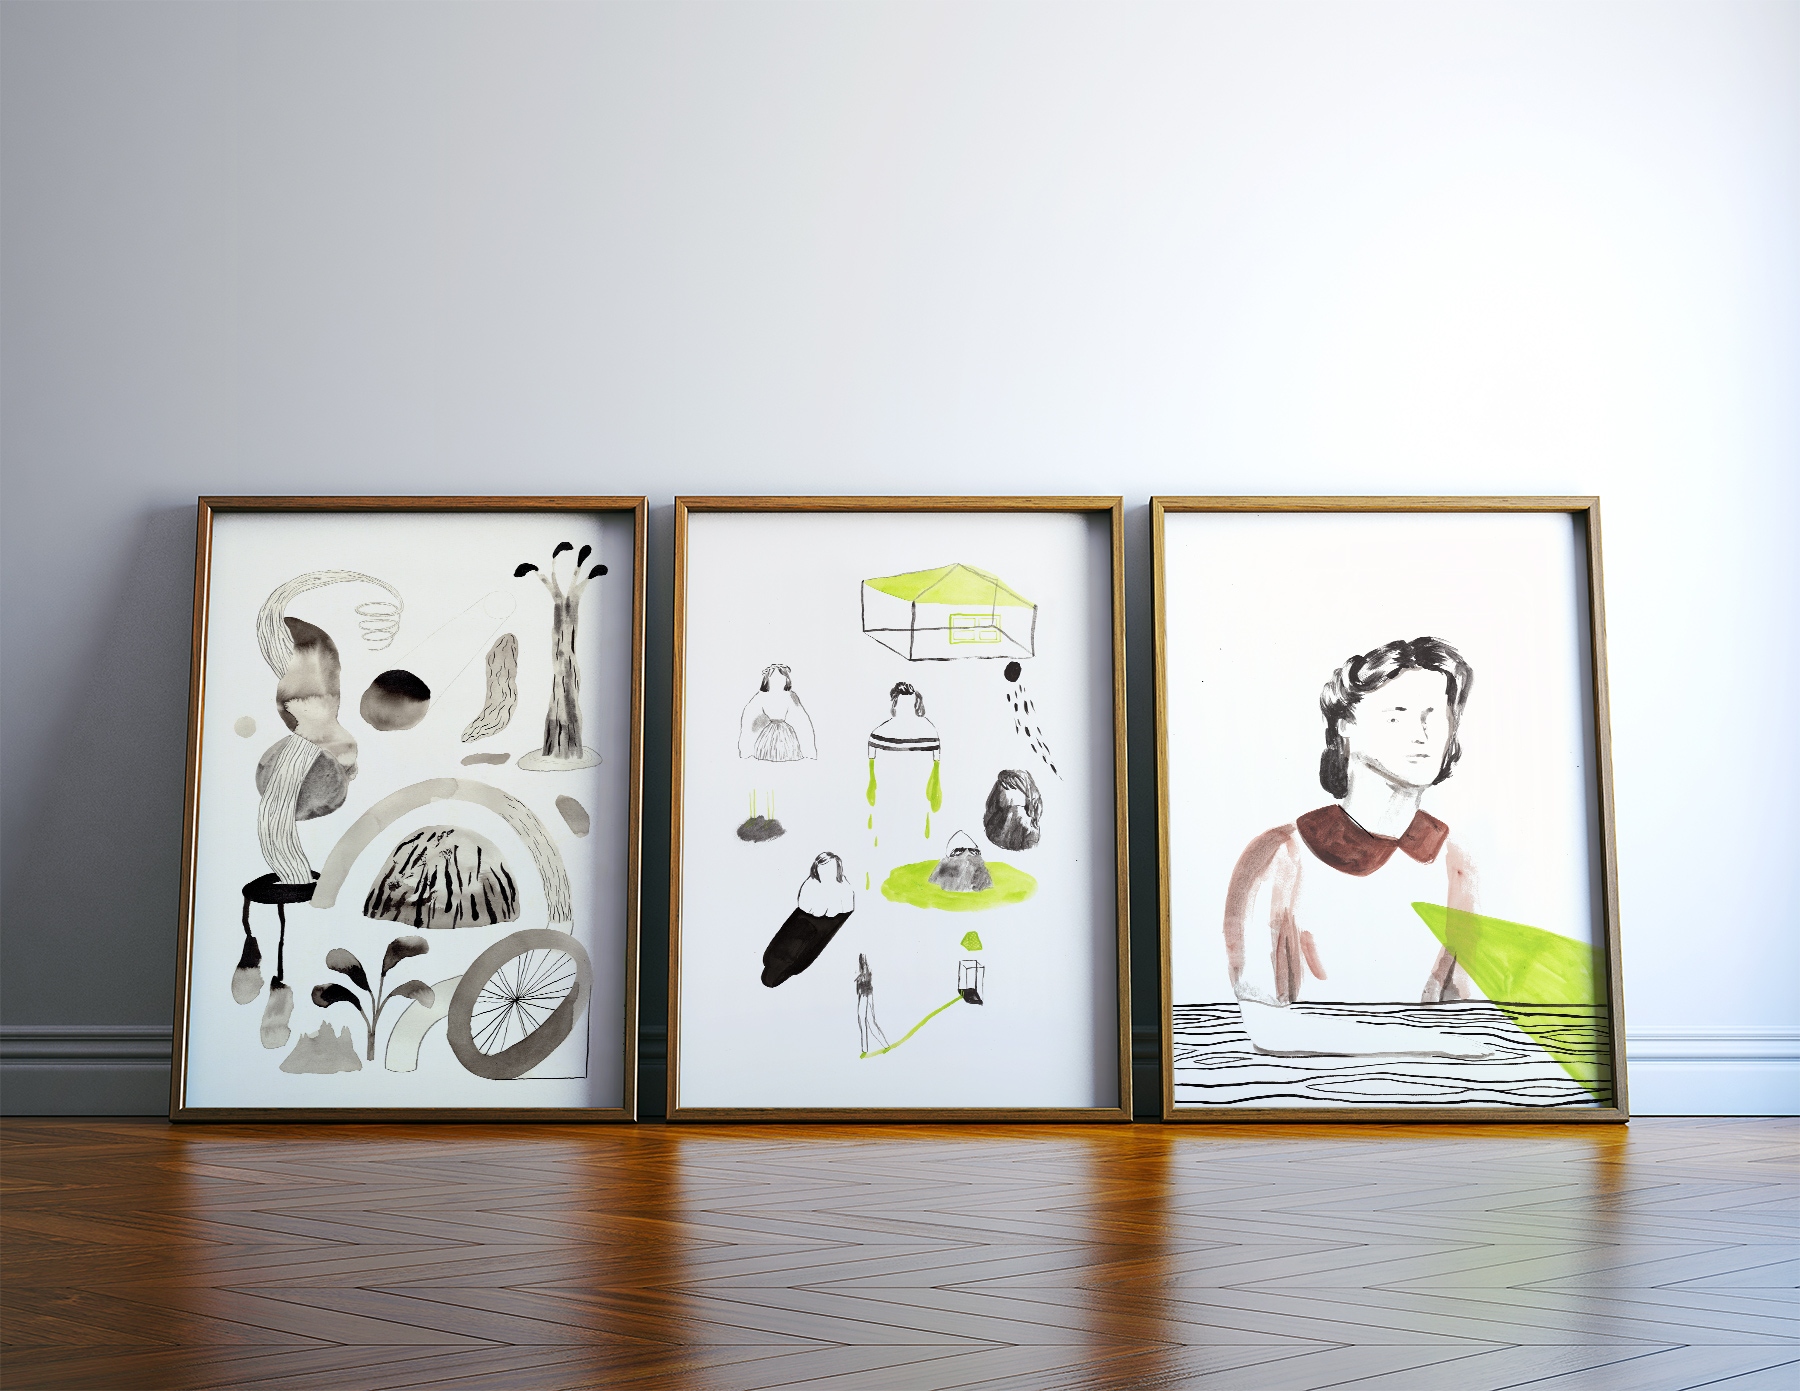 kunsttryk, gliceé, figurative, grafiske, portræt, kroppe, botanik, natur, sorte, brune, grønne, hvide, blæk, papir, smukke, tøj, dekorative, ansigter, kvindelig, interiør, bolig-indretning, kvinder, Køb original kunst og kunstplakater. Malerier, tegninger, limited edition kunsttryk & plakater af dygtige kunstnere.